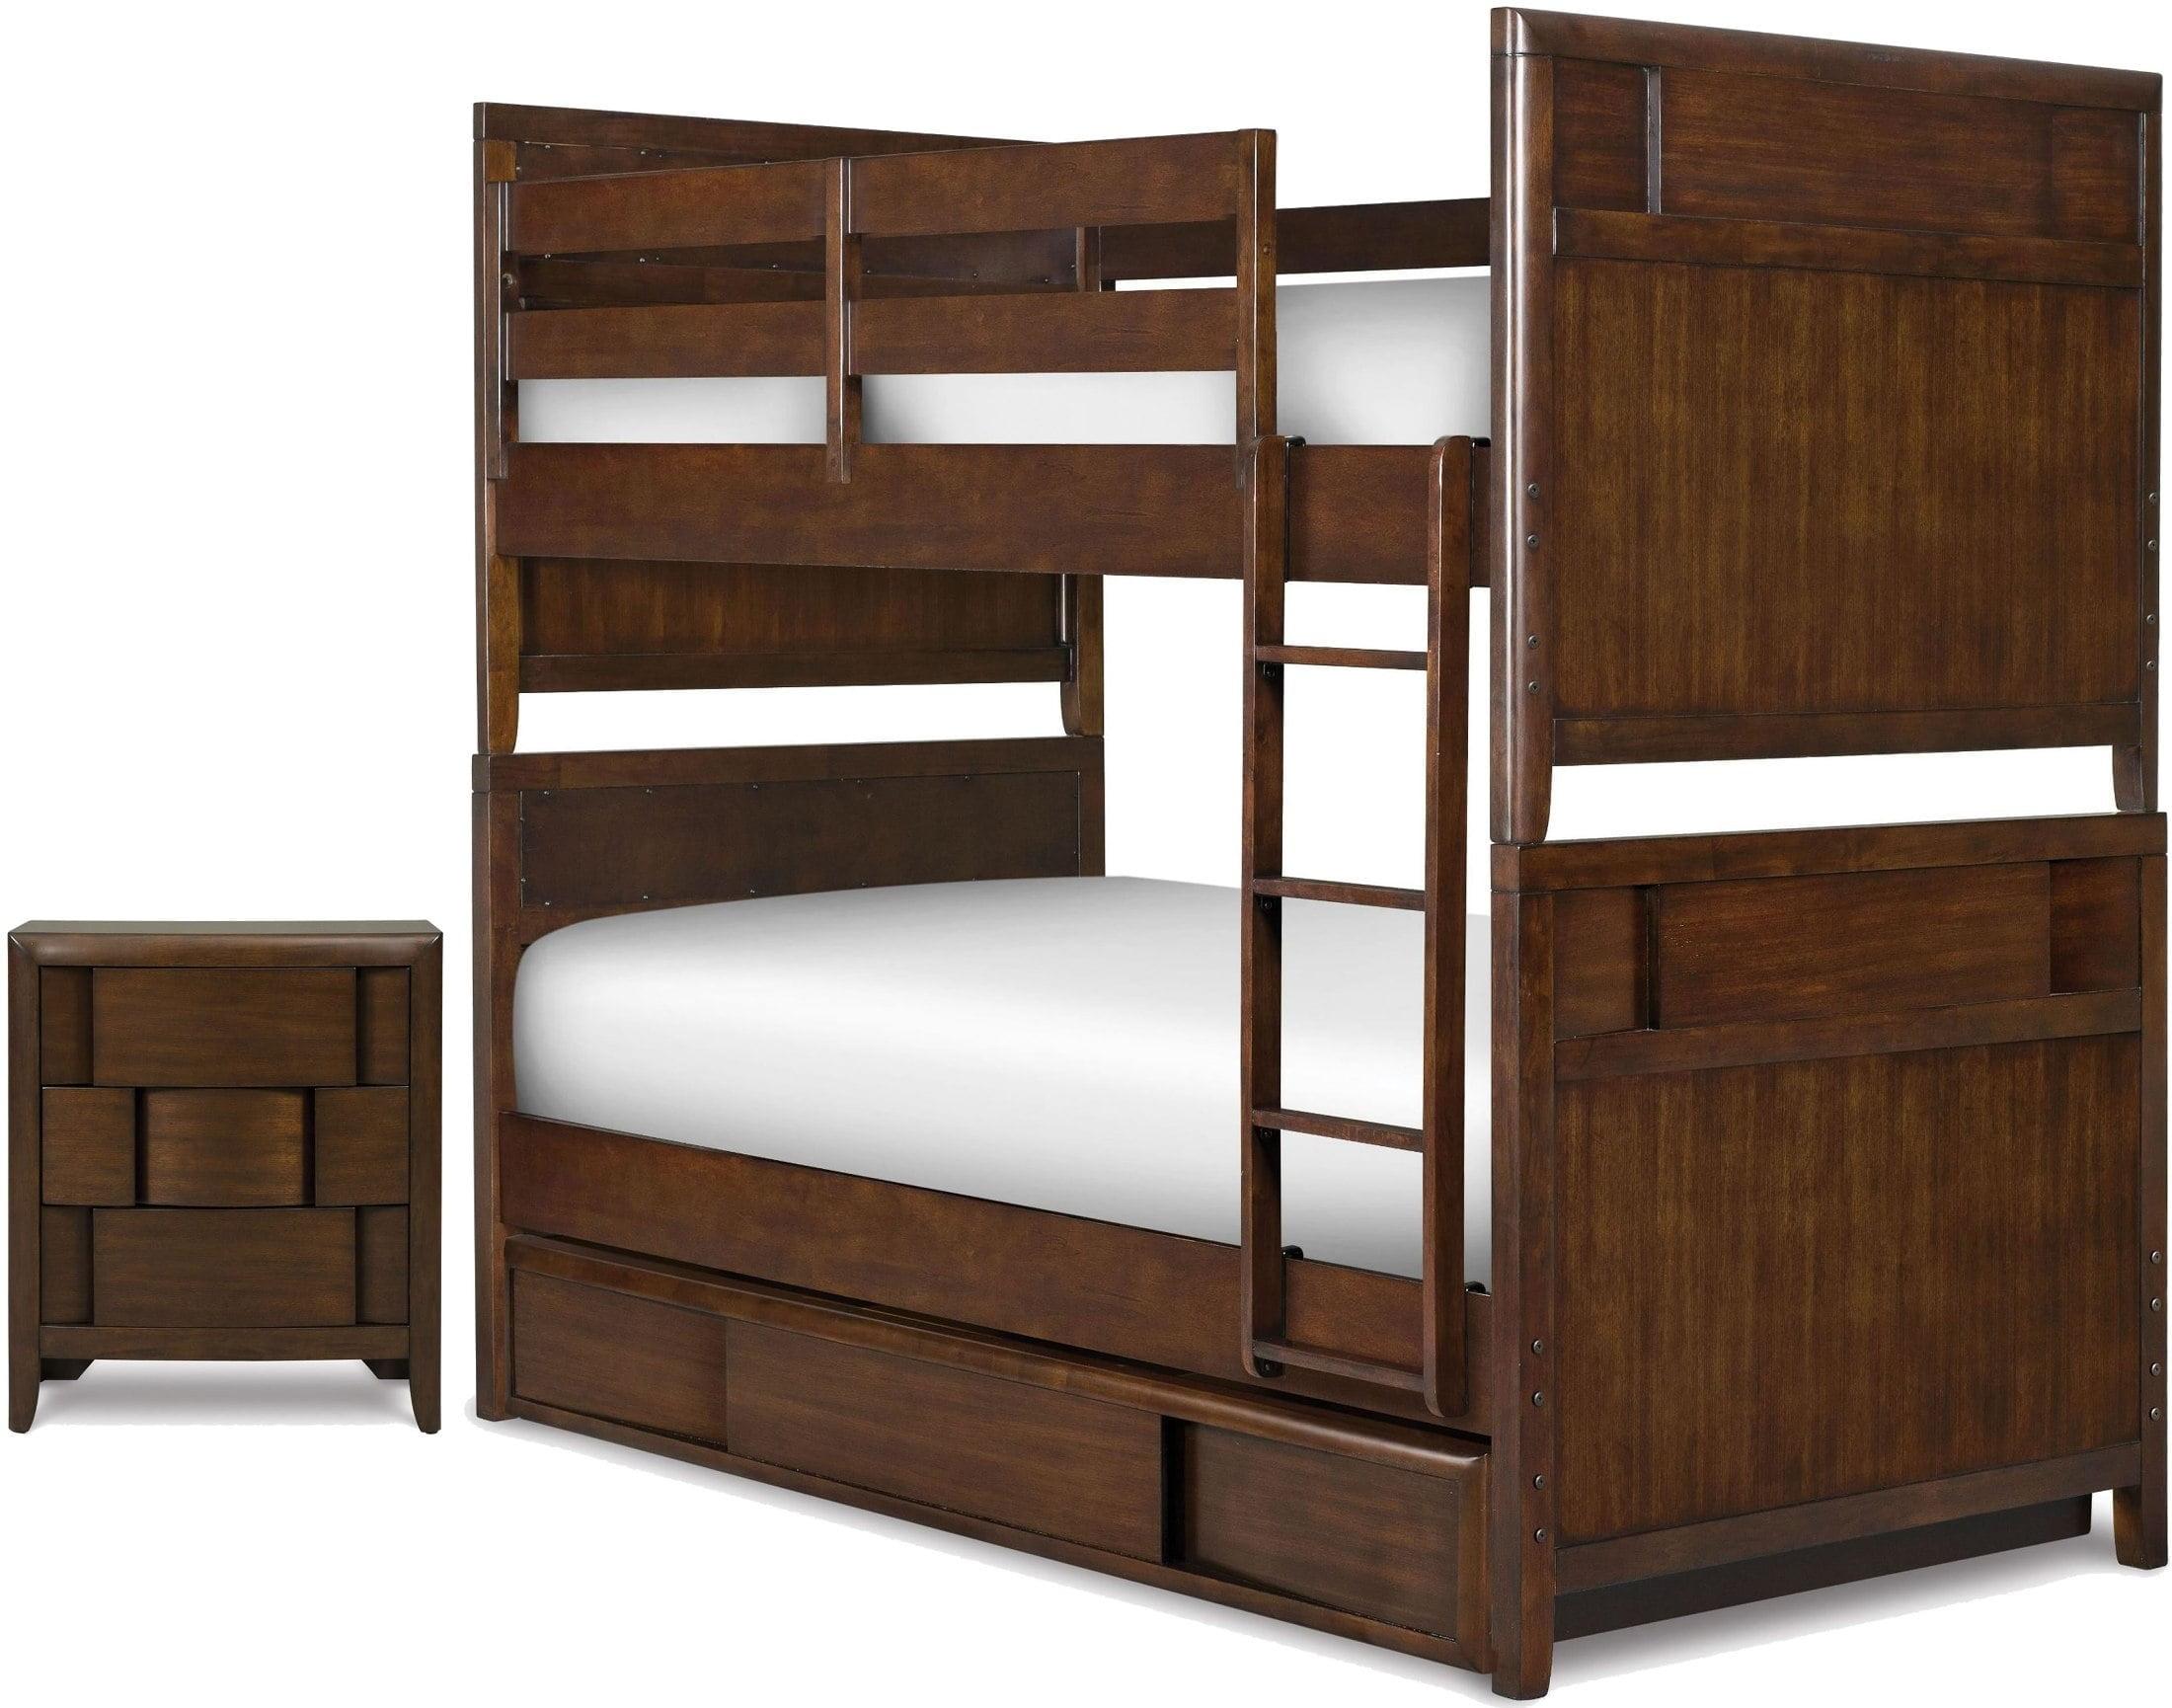 Twilight Bunk Bedroom Set From Magnussen Home